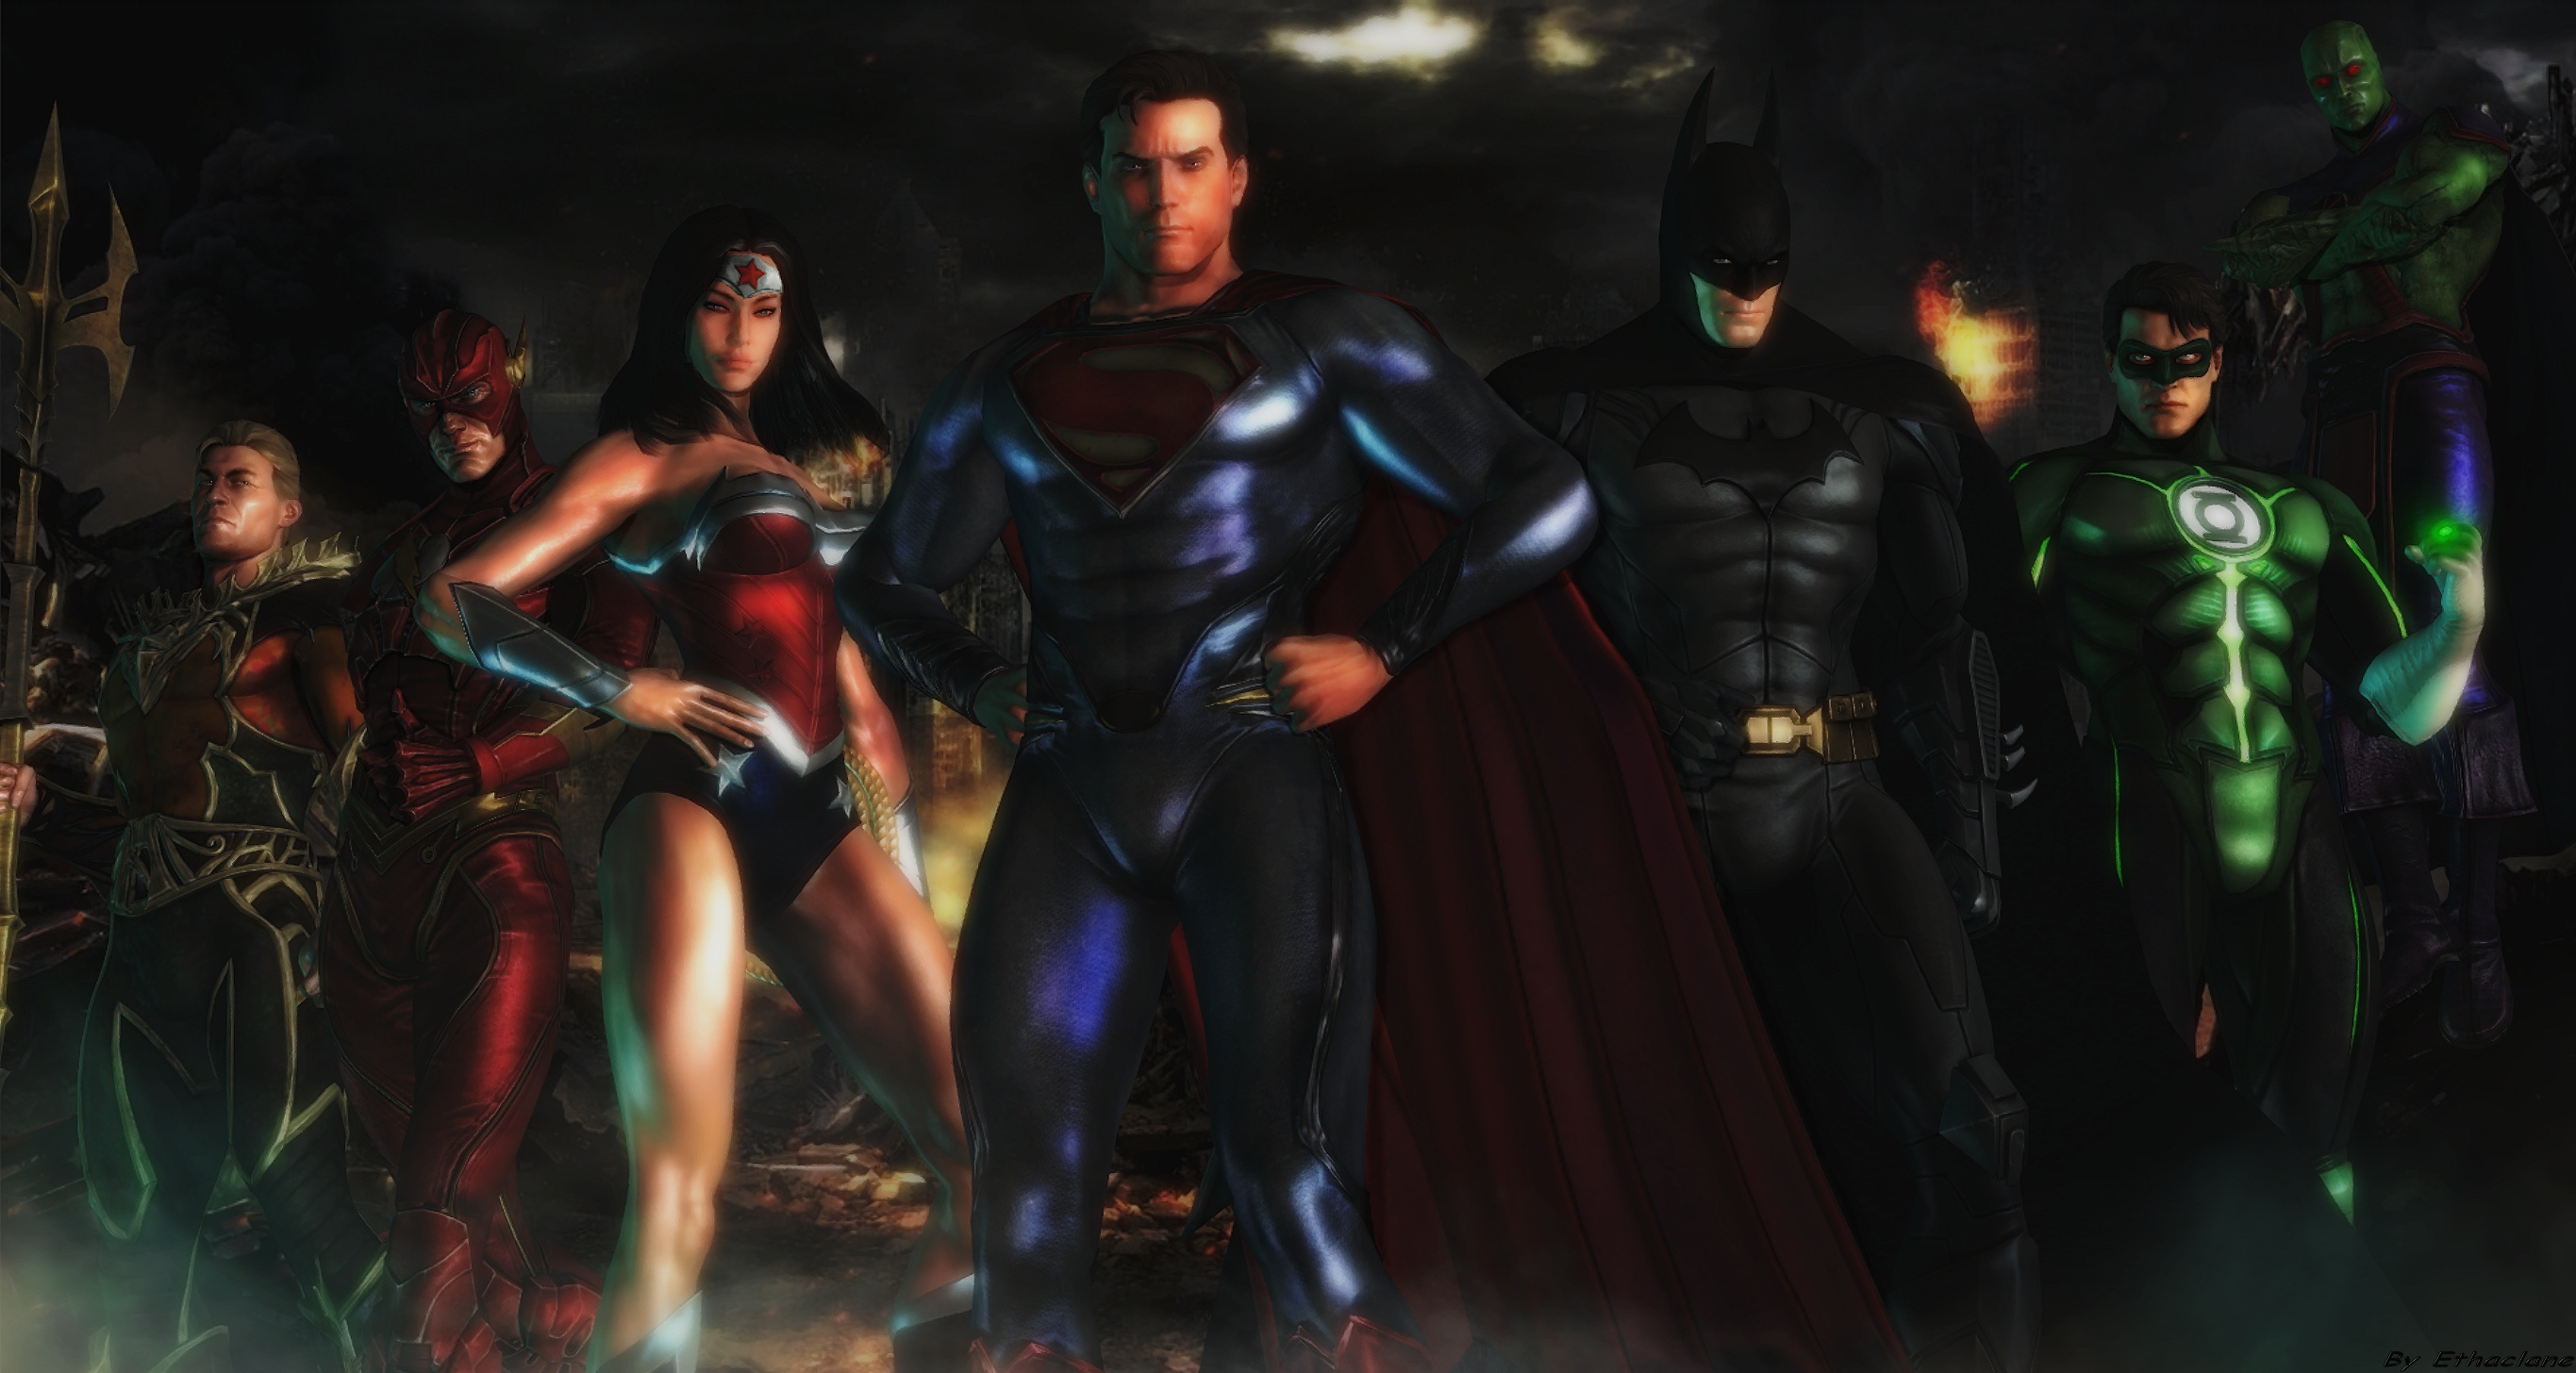 justice league wallpaper by ethaclane fan art wallpaper games 2013 2731x1456